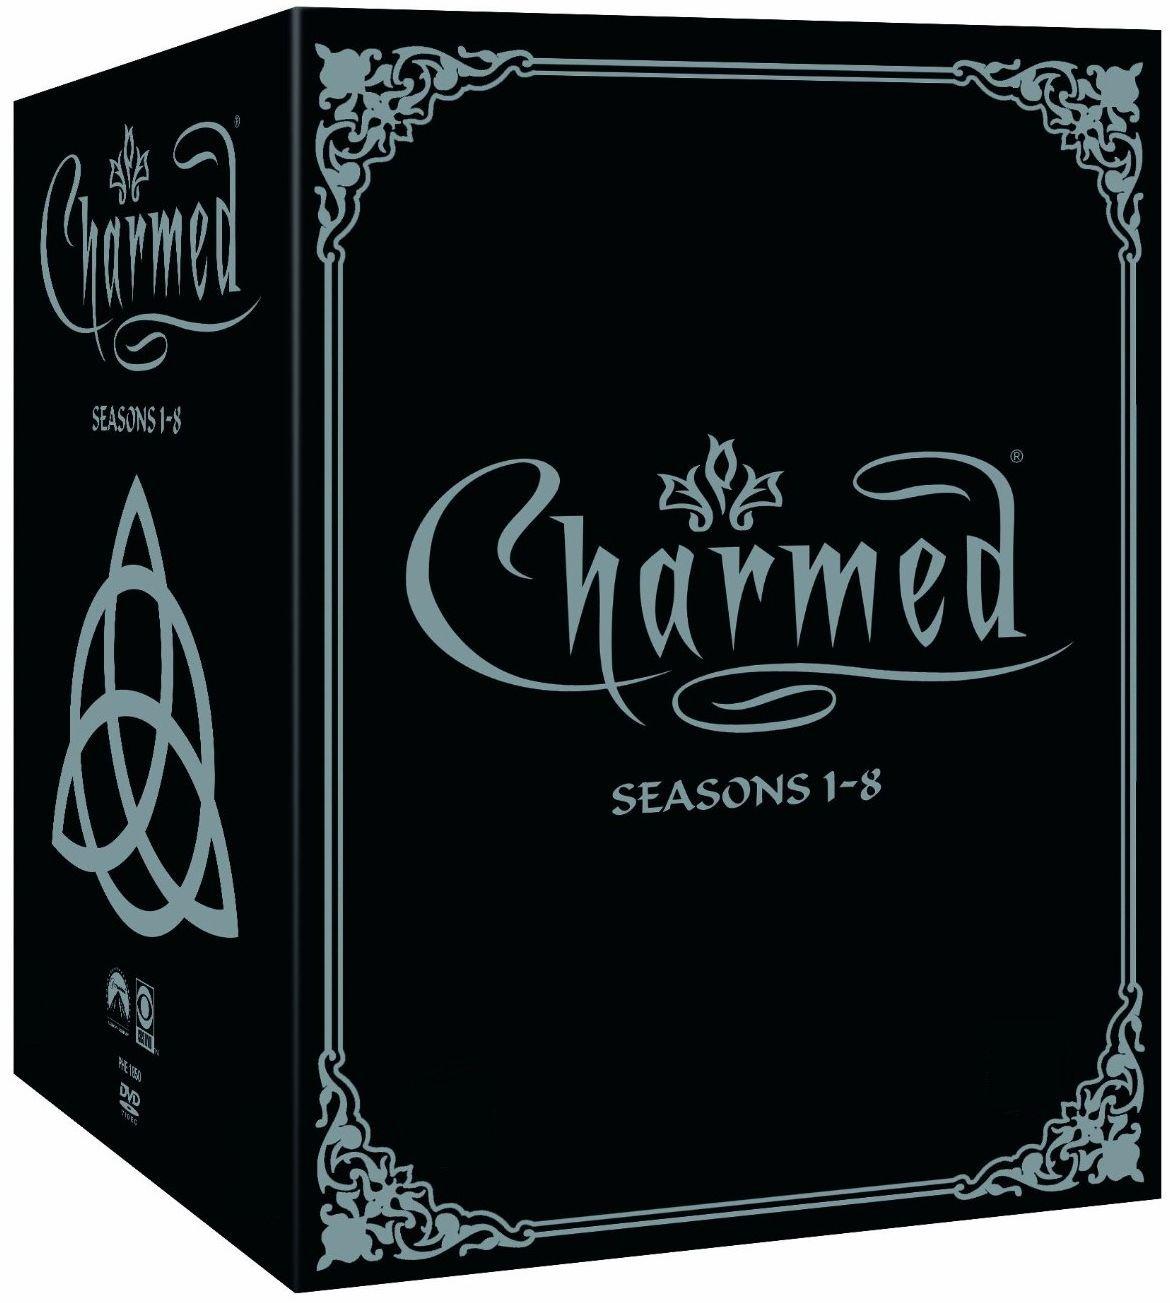 Embrujadas - Charmed - Colección Completa - Temporada 1 + 2 + 3 + 4 + 5 + 6 + 7 + 8: Amazon.es: Cine y Series TV